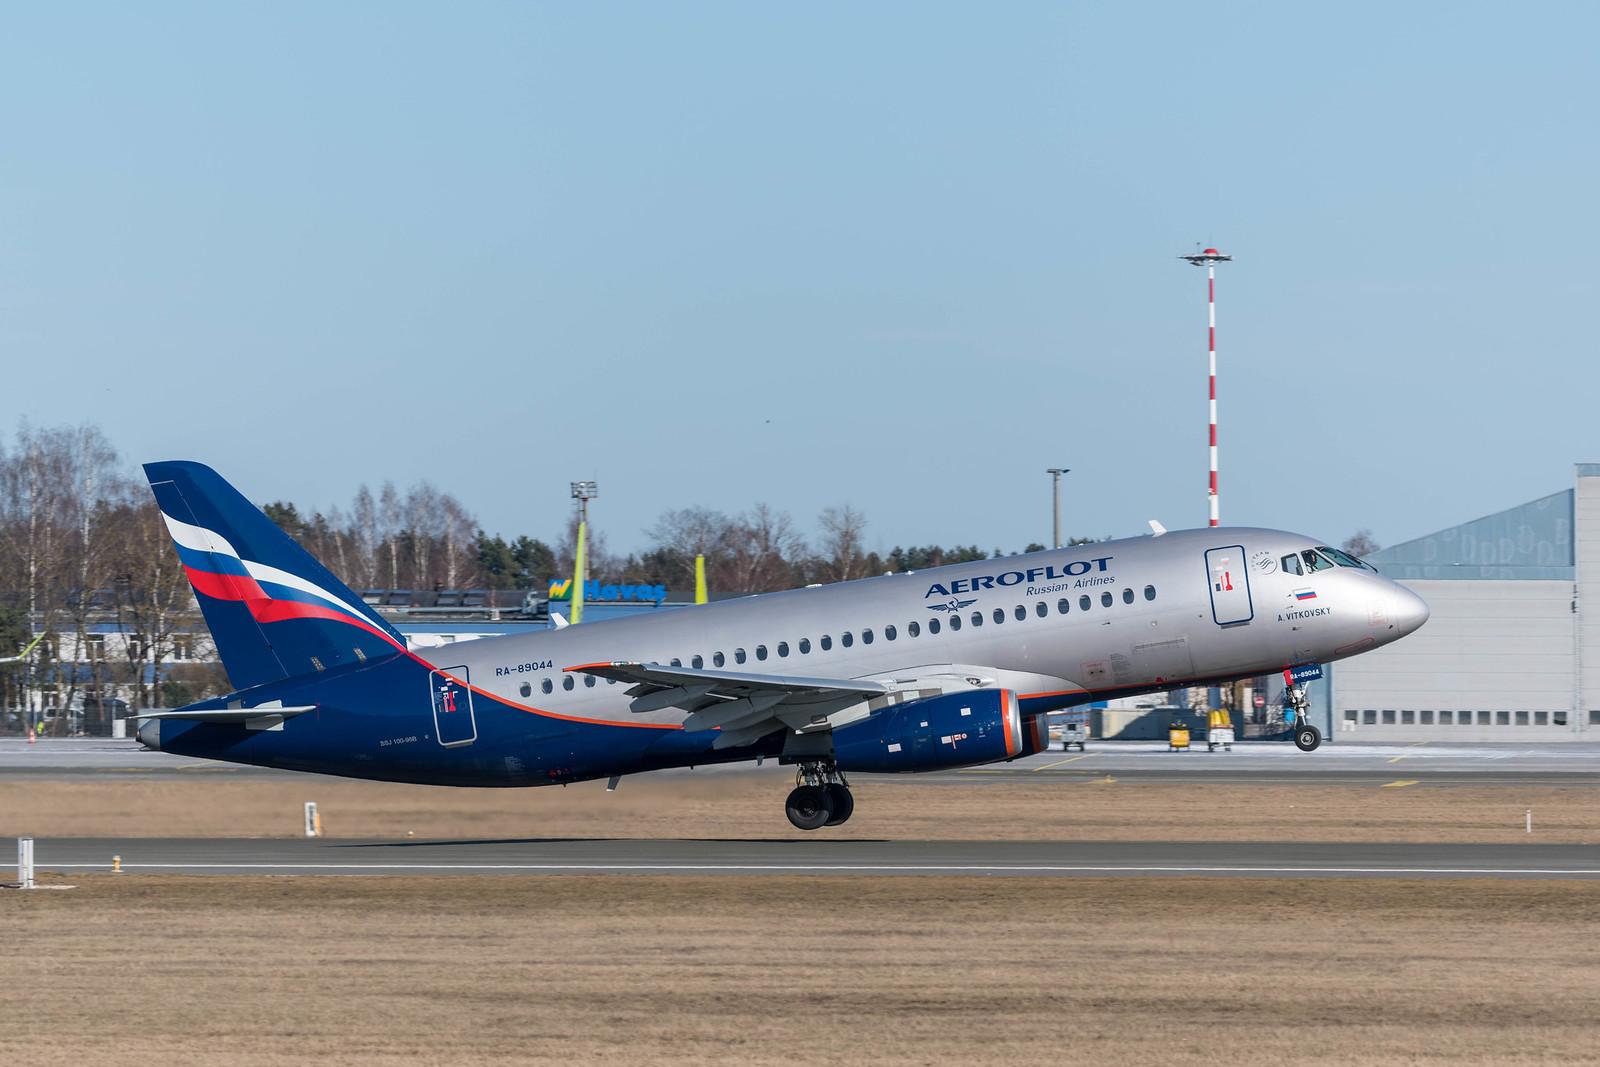 Aeroflot Sukhoi Superjet 100